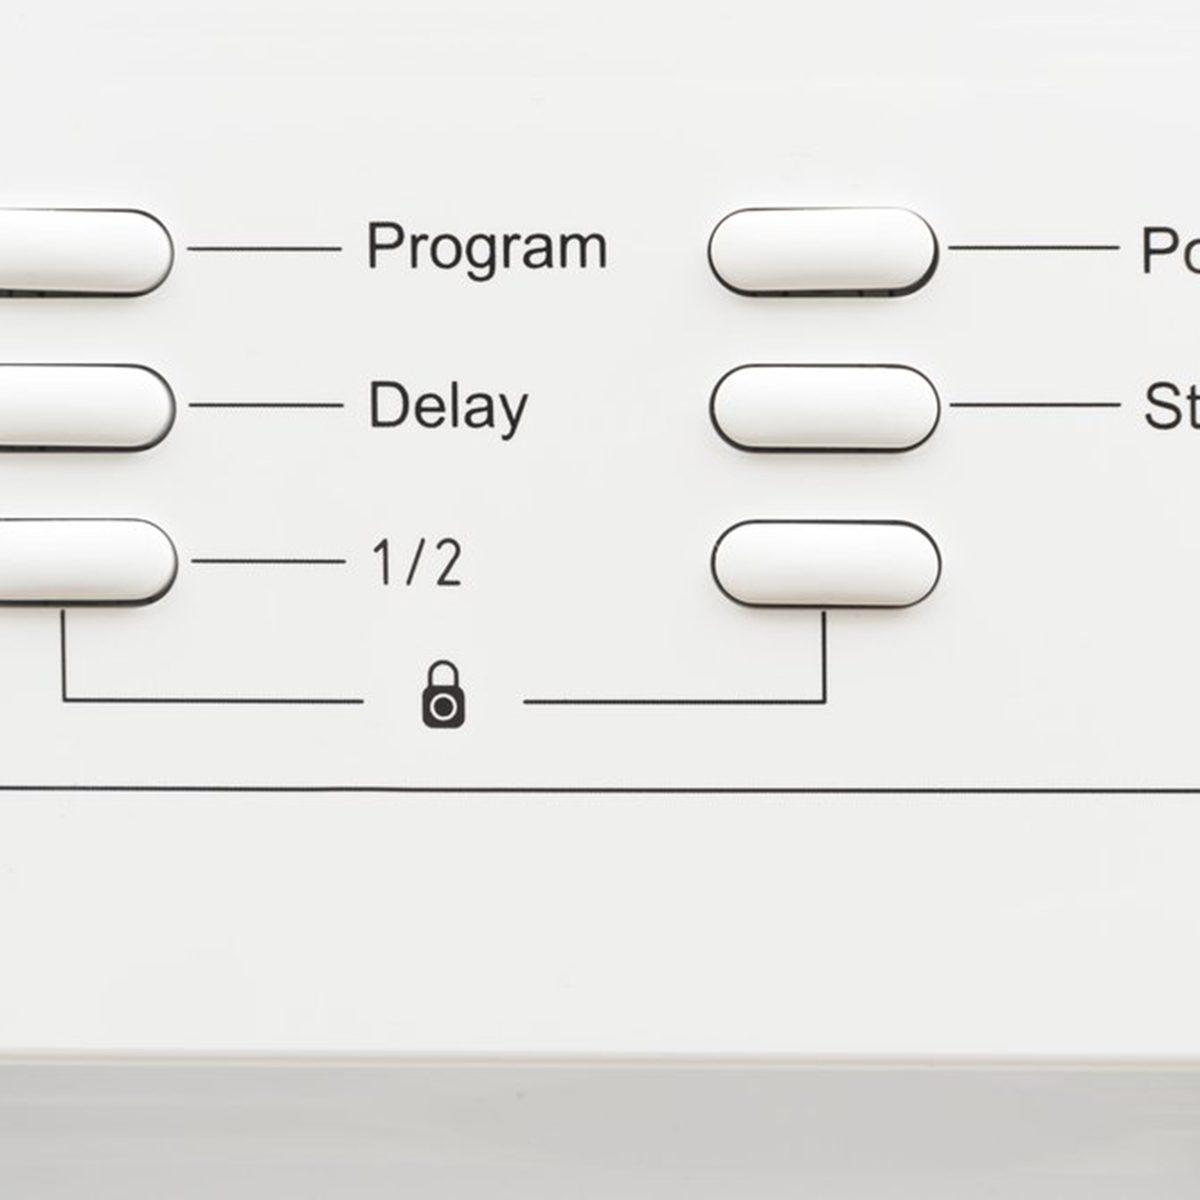 Delay cycle controls